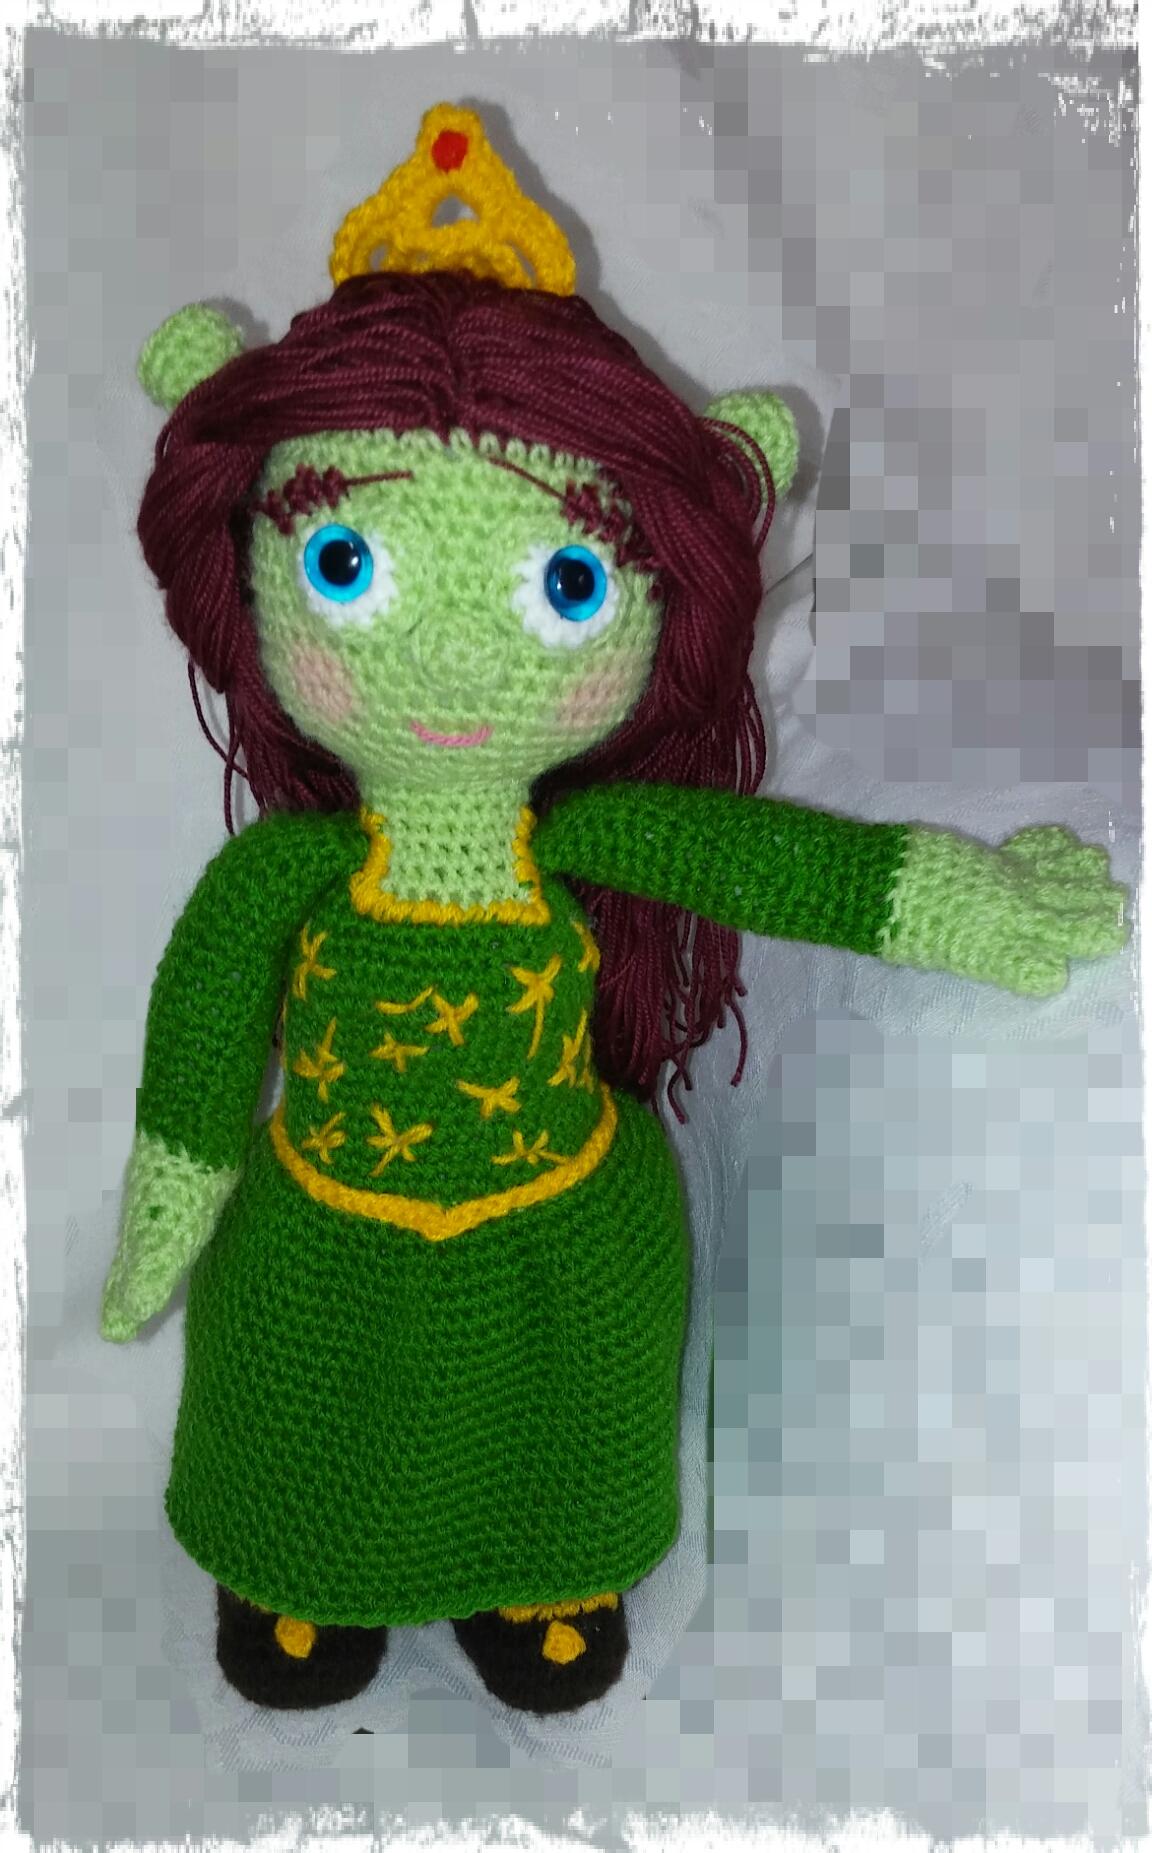 Crochet pattern amigurumi Princess Fiona (shrek) by ternura amigurumi b6d2d94dd57